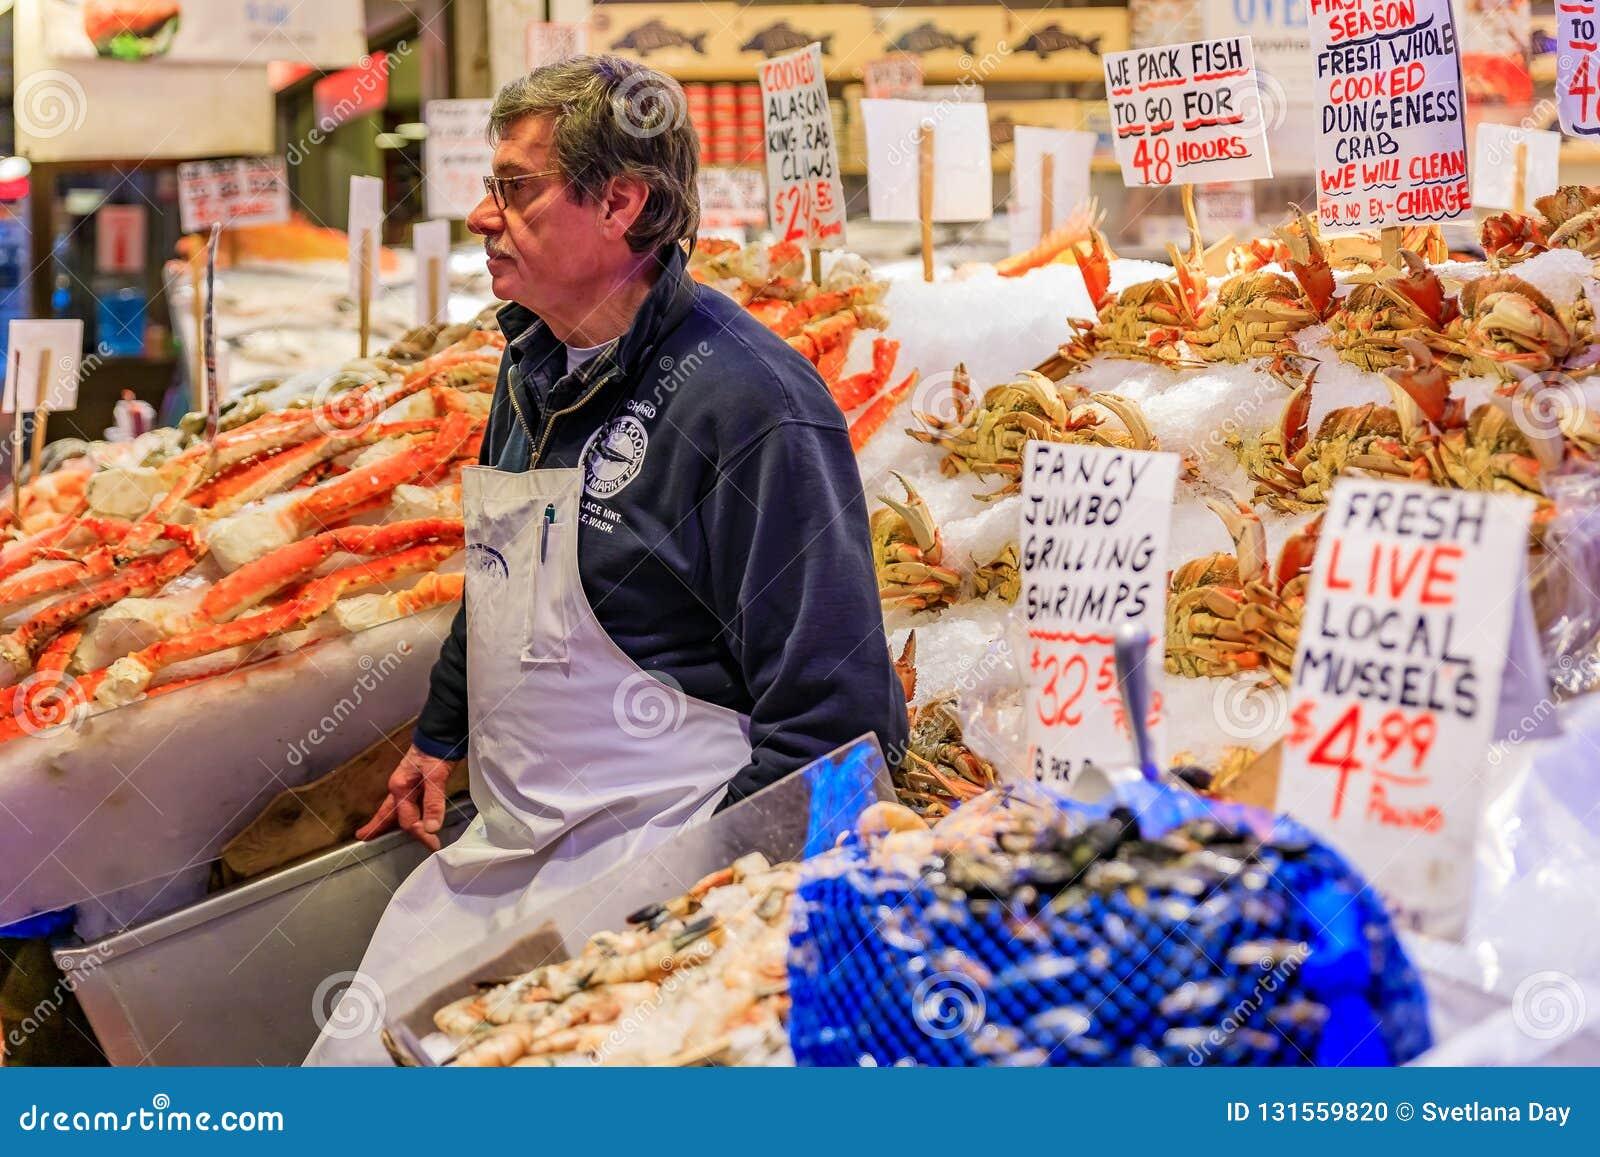 Seattle, Verenigde Staten - November-Vishandelaar bij een box met verse zeevruchten zoals krab, garnalen en mosselen voor verkoop